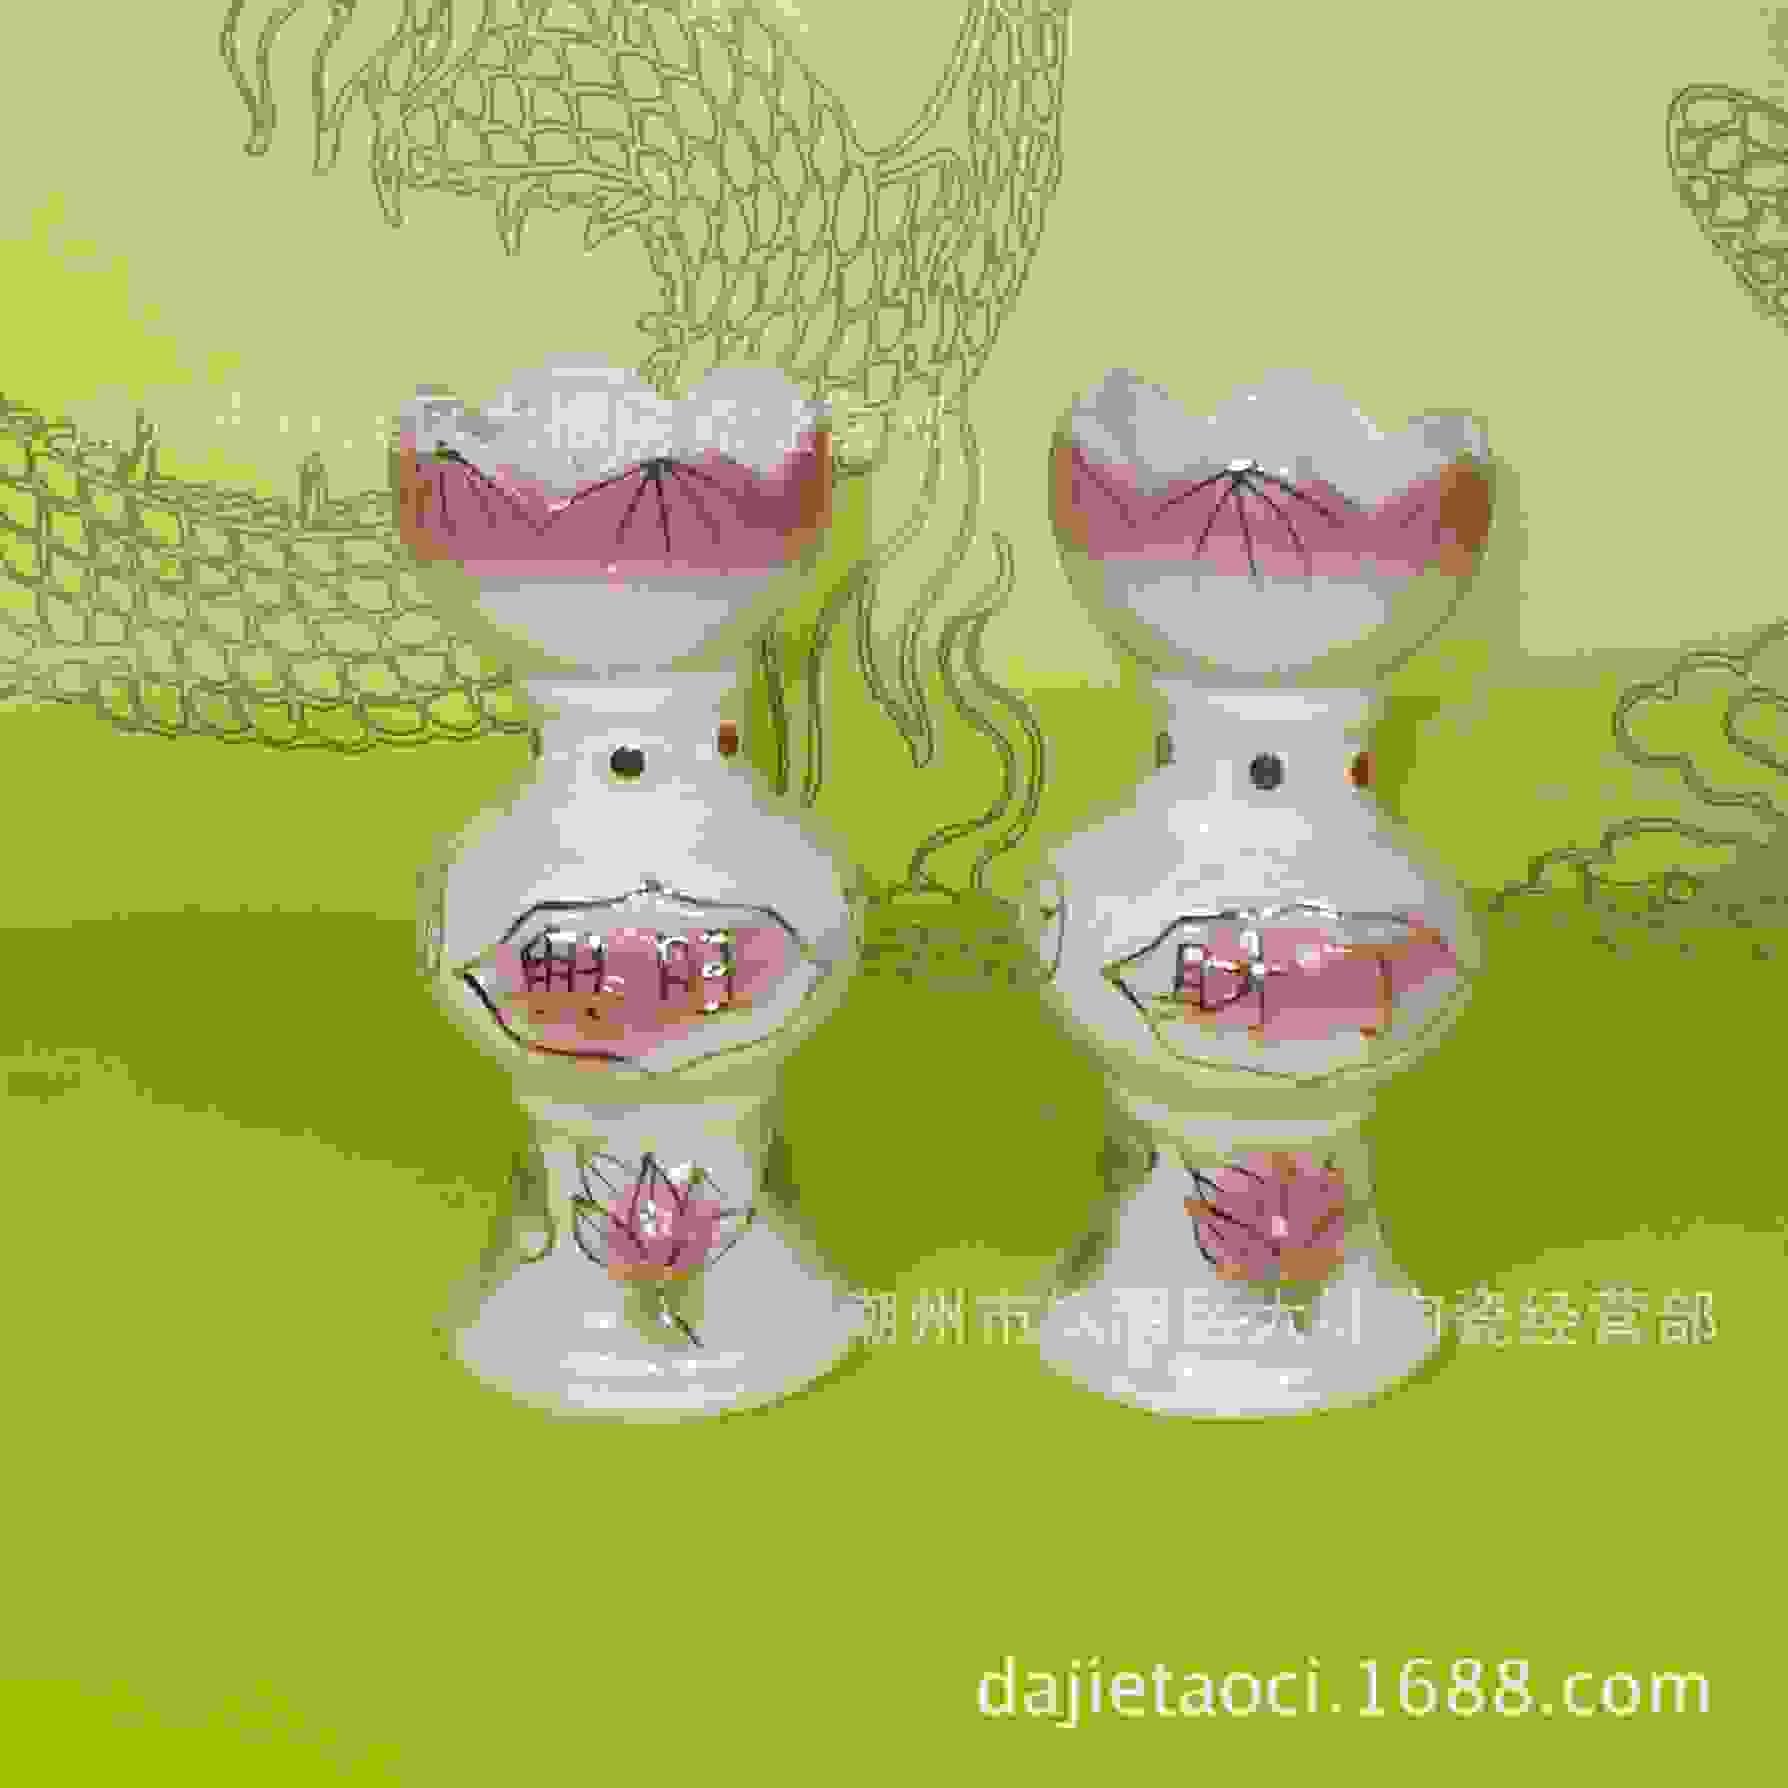 陶瓷财丁兴旺焟烛台一对佛教佛堂彿供应品工艺品